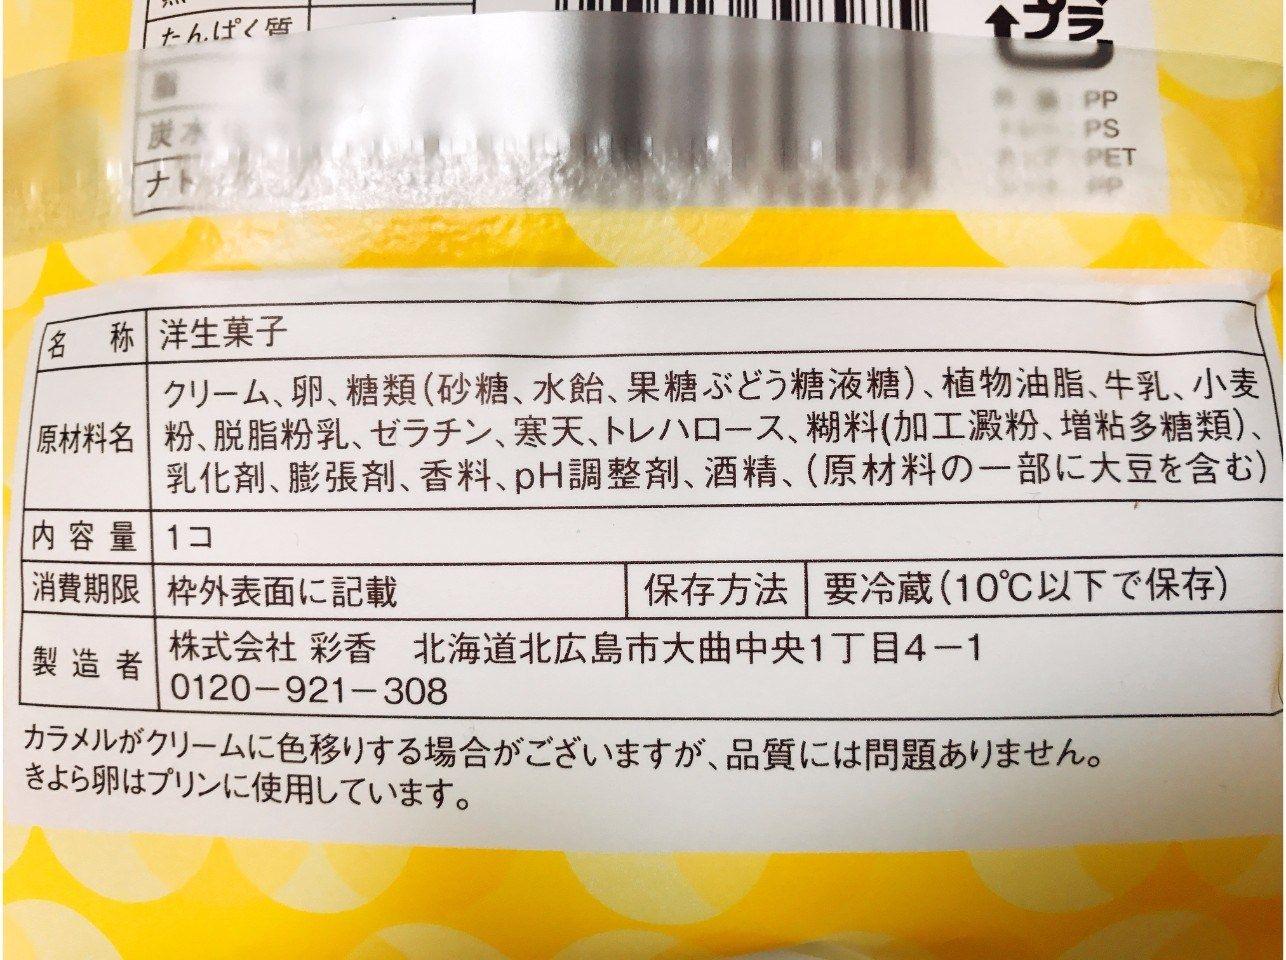 高级きよら(KIYORA)鸡蛋布丁瑞士卷蛋糕、Lawson(罗森)、商品说明